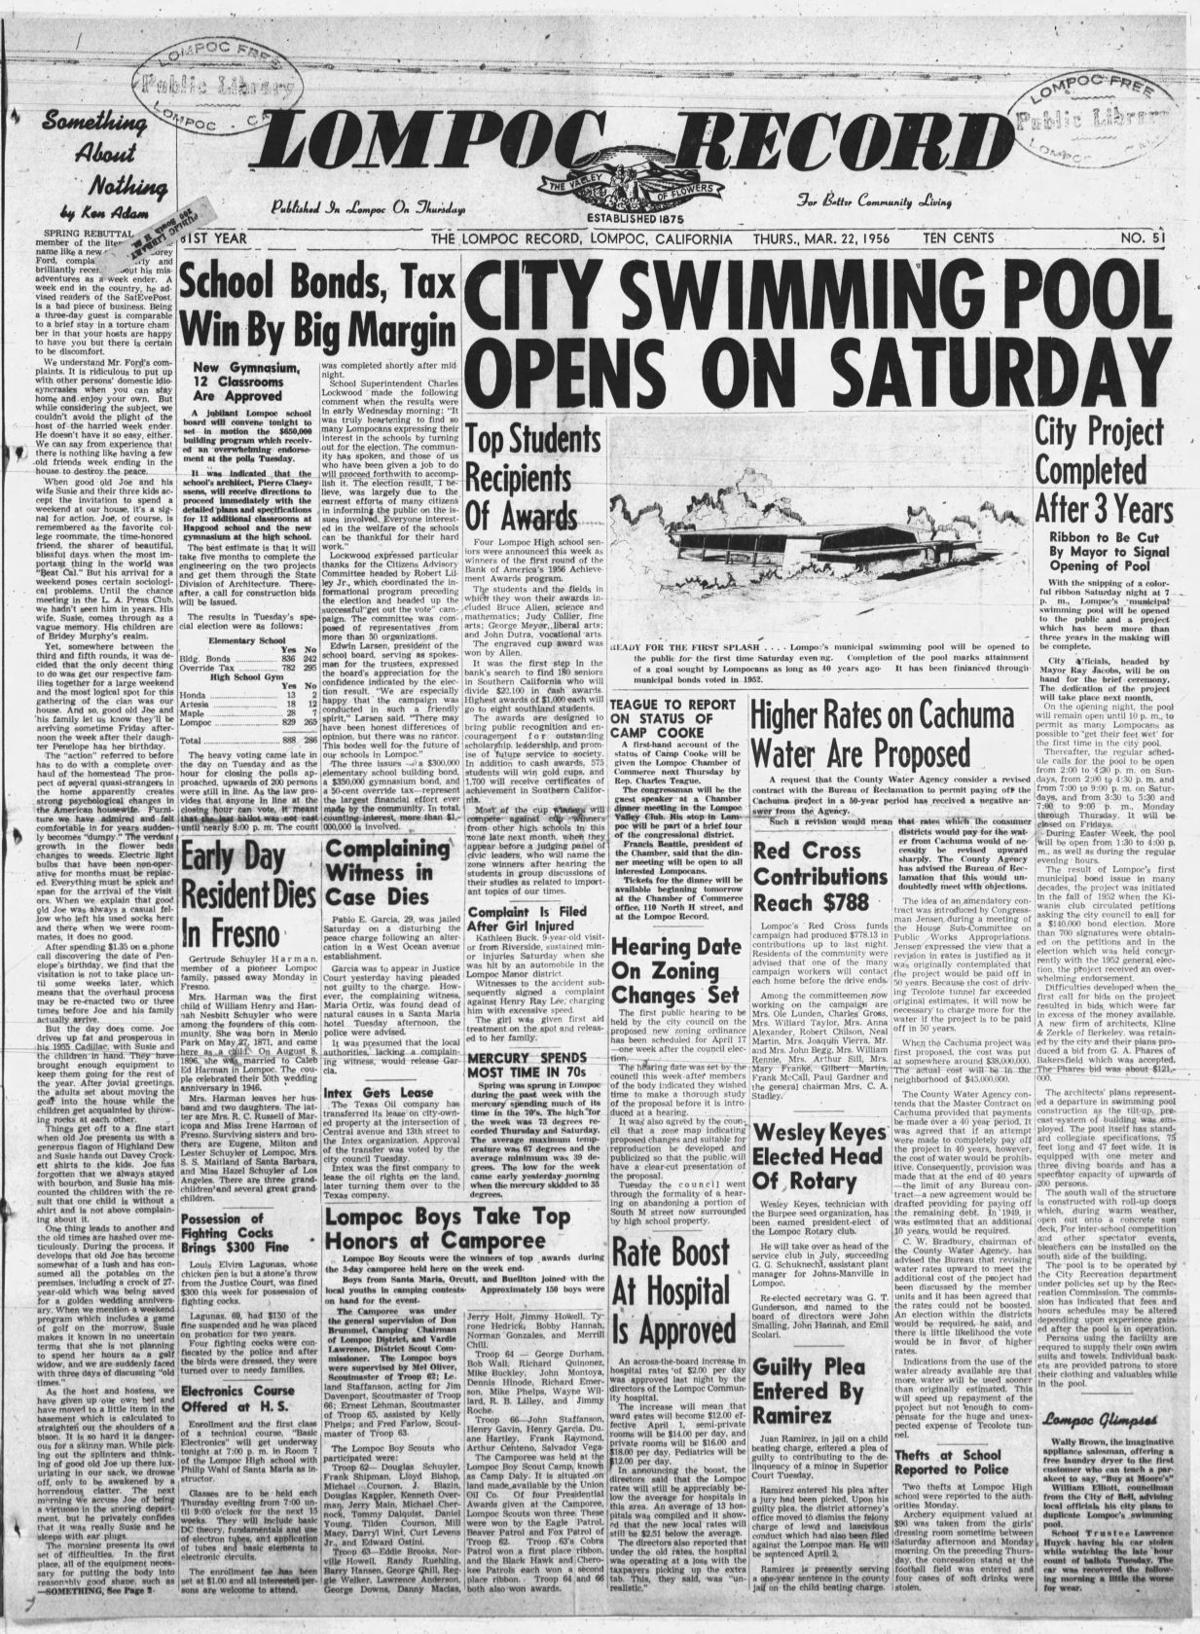 Lompoc Municpal Pool opens